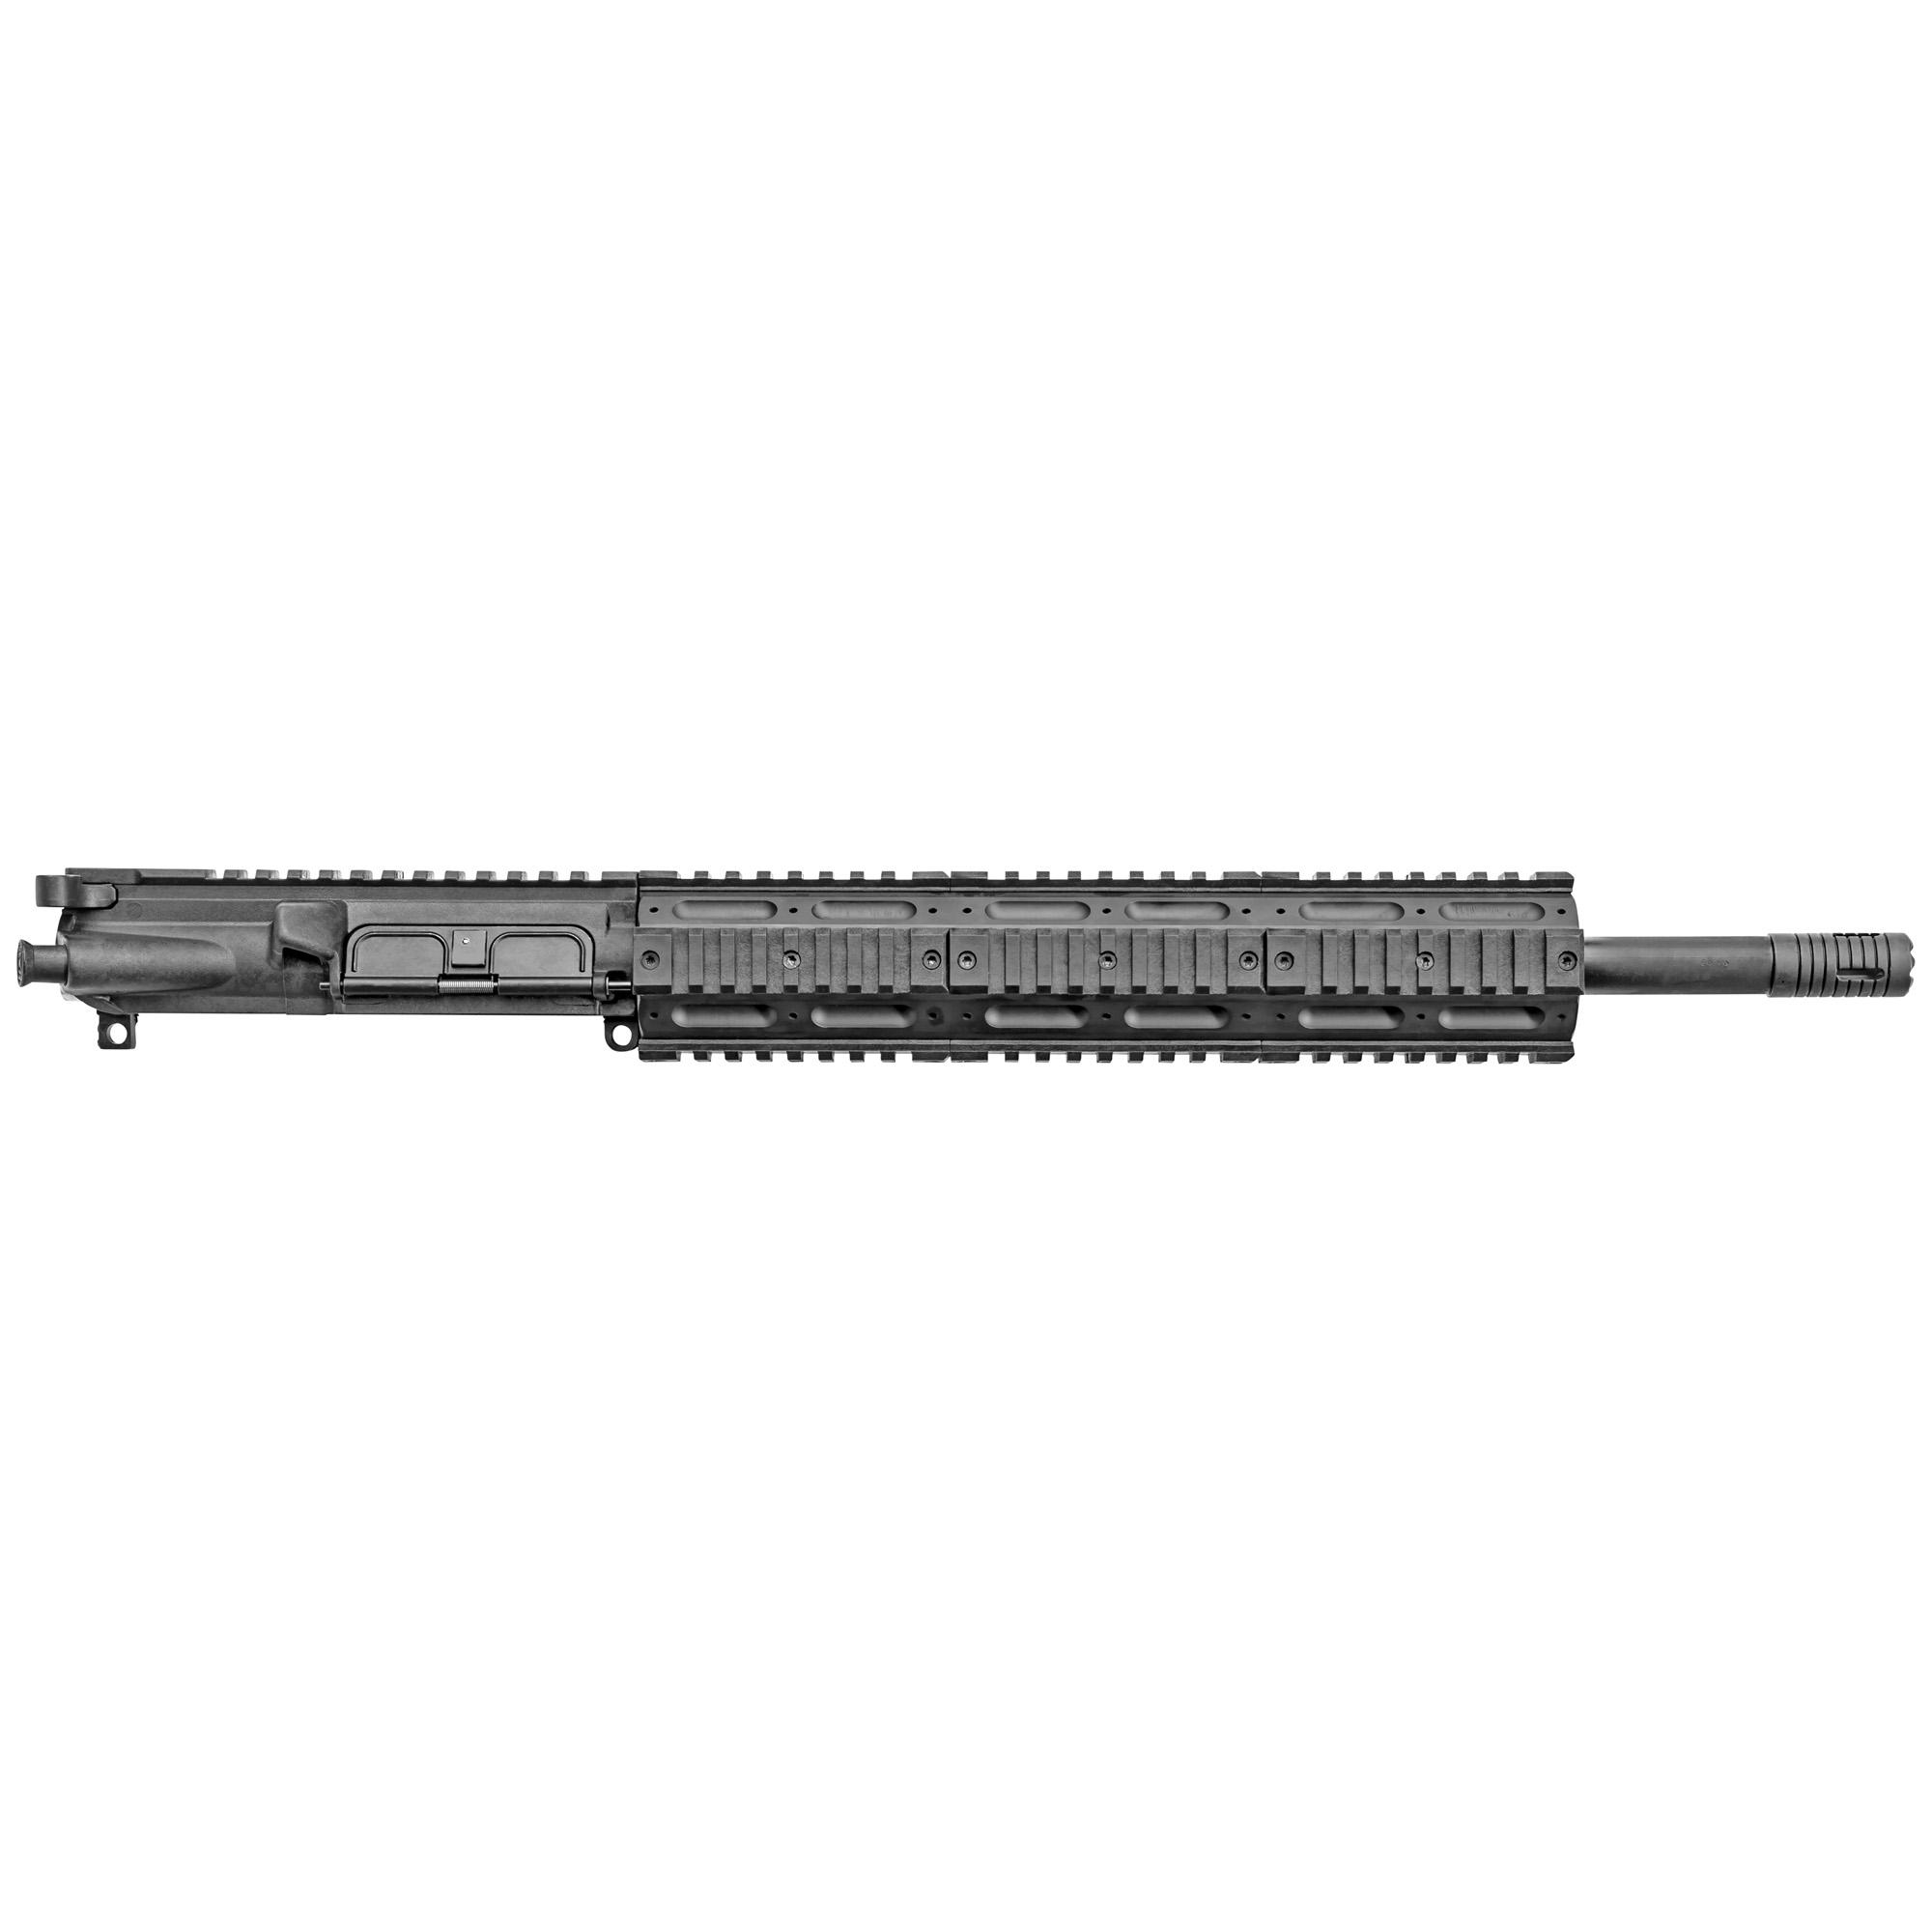 """Chiappa M4-22 G2 Uppr 22lr 16"""" 10rd"""